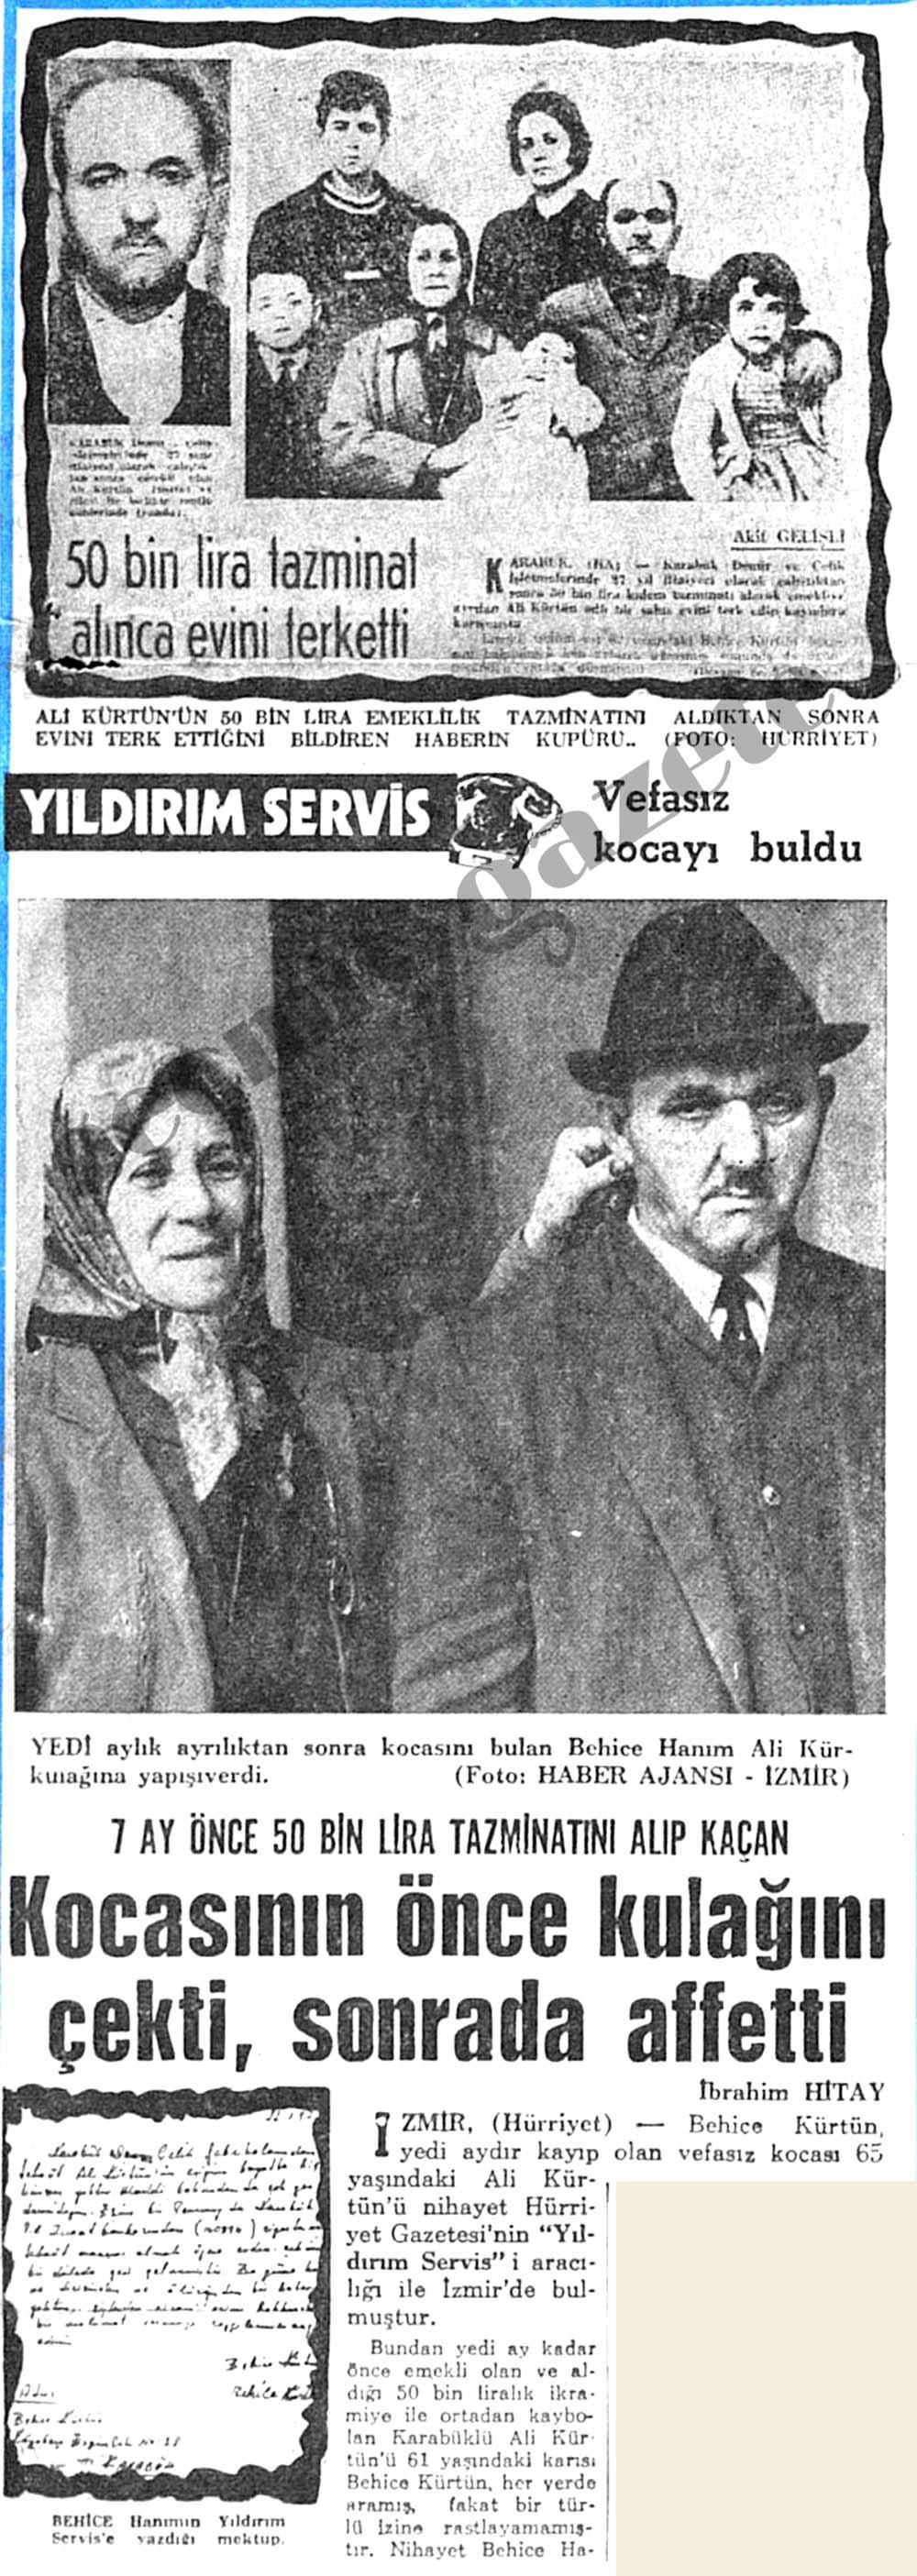 50 bin lira tazminatını alıp kaçan kocasının önce kulağını çekti, sonrada affetti